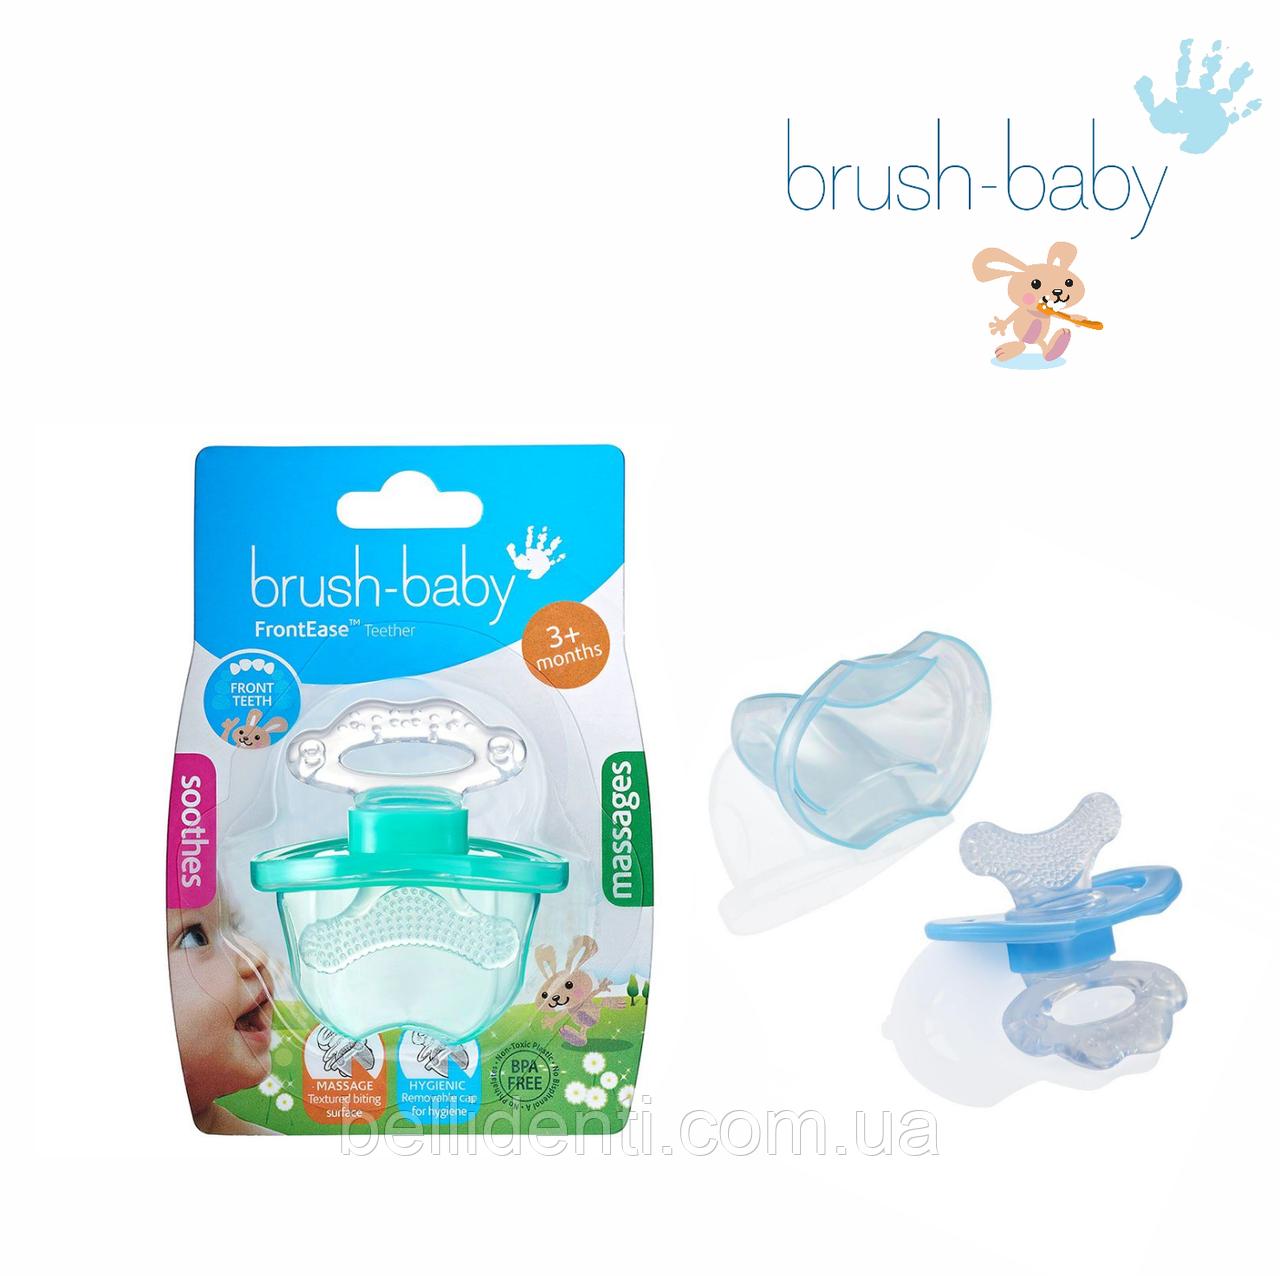 Прорезыватель Brush Baby Front Ease Teether-Teal (от 3 месяцев)